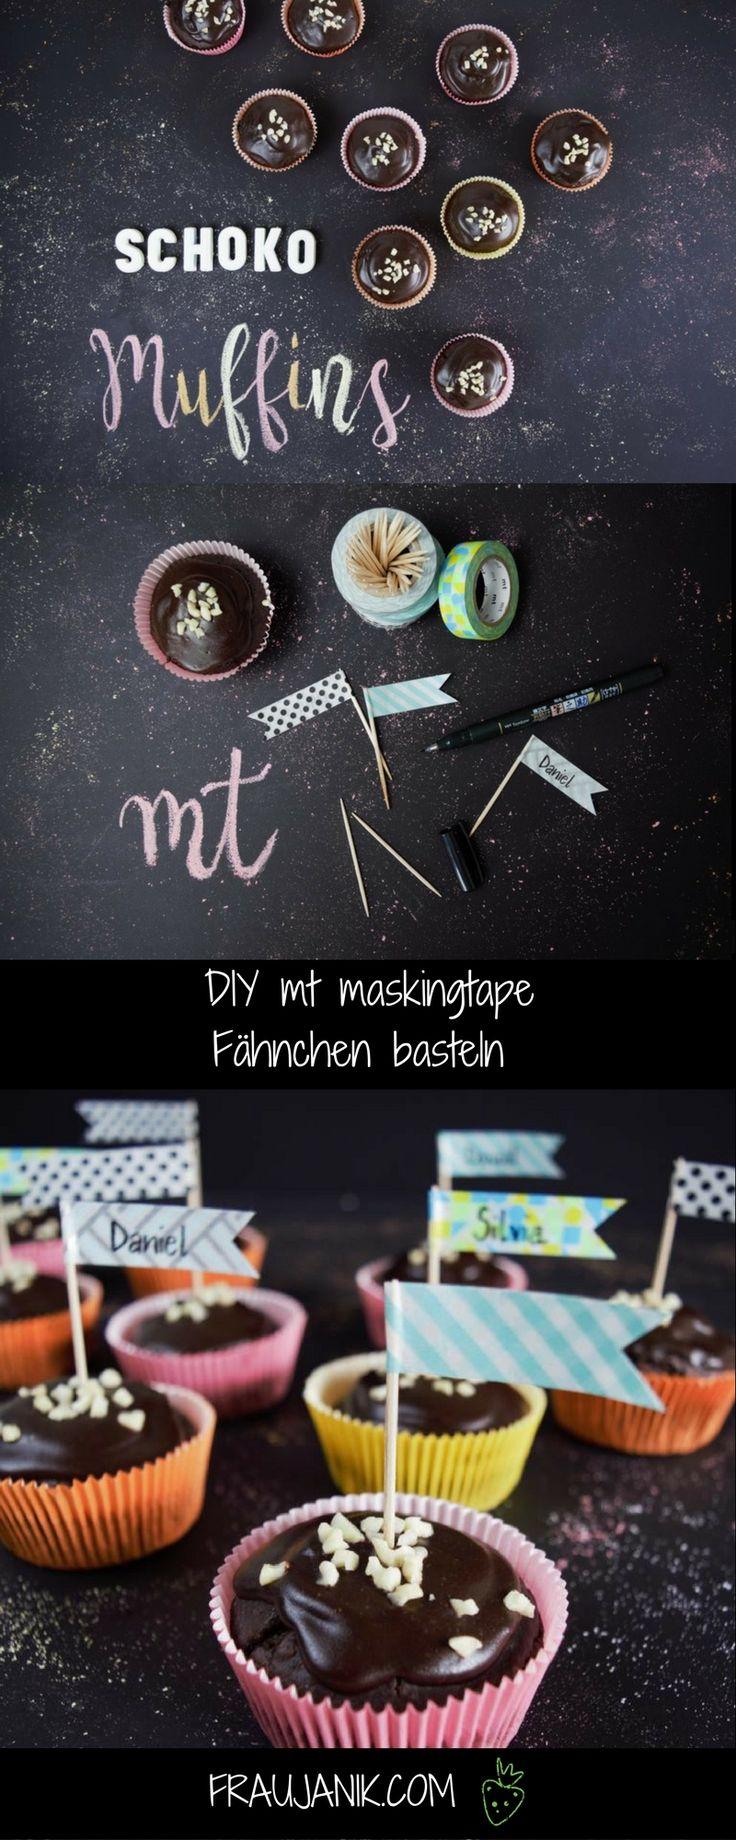 DIY mt masking tape Fähnchen basteln... schnell, einfach & effektvoll. Perfekt mit für Kindergeburtstage!